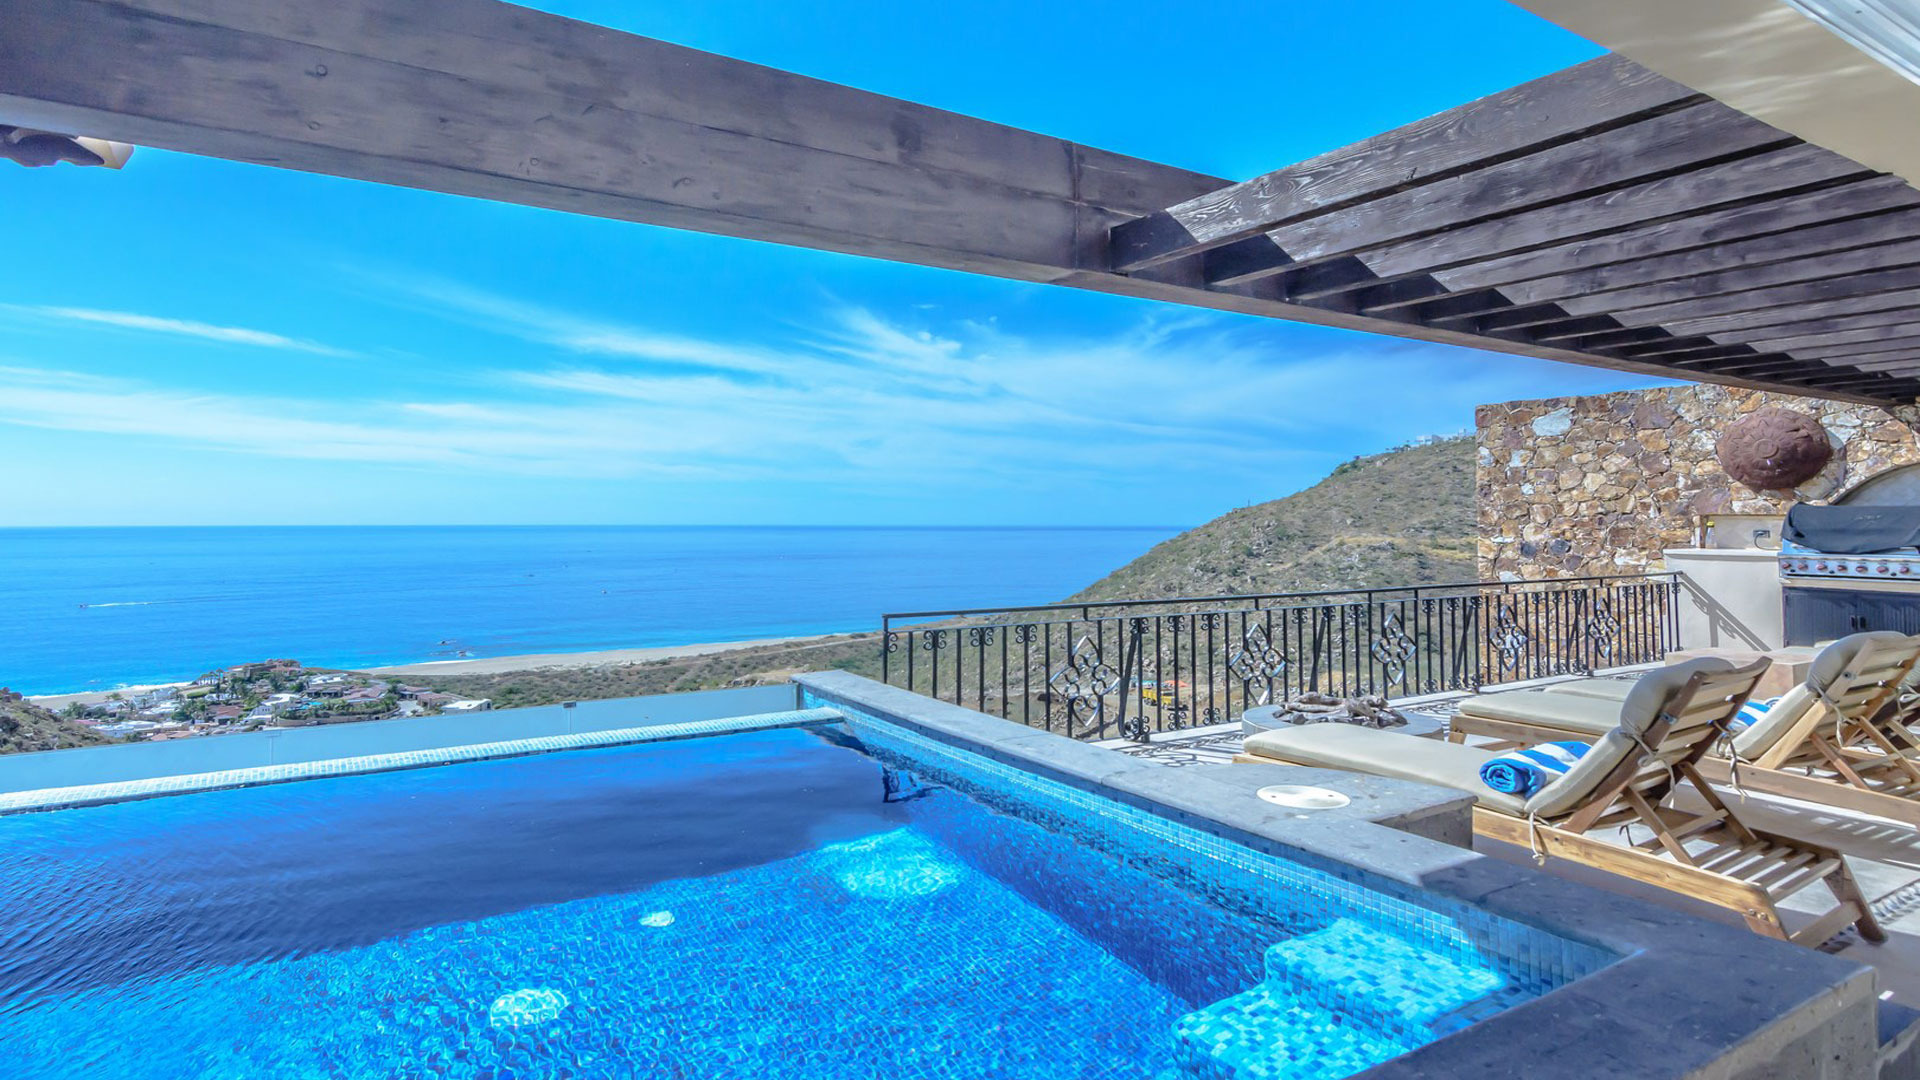 villa-cantamar-ped cristina pool 3